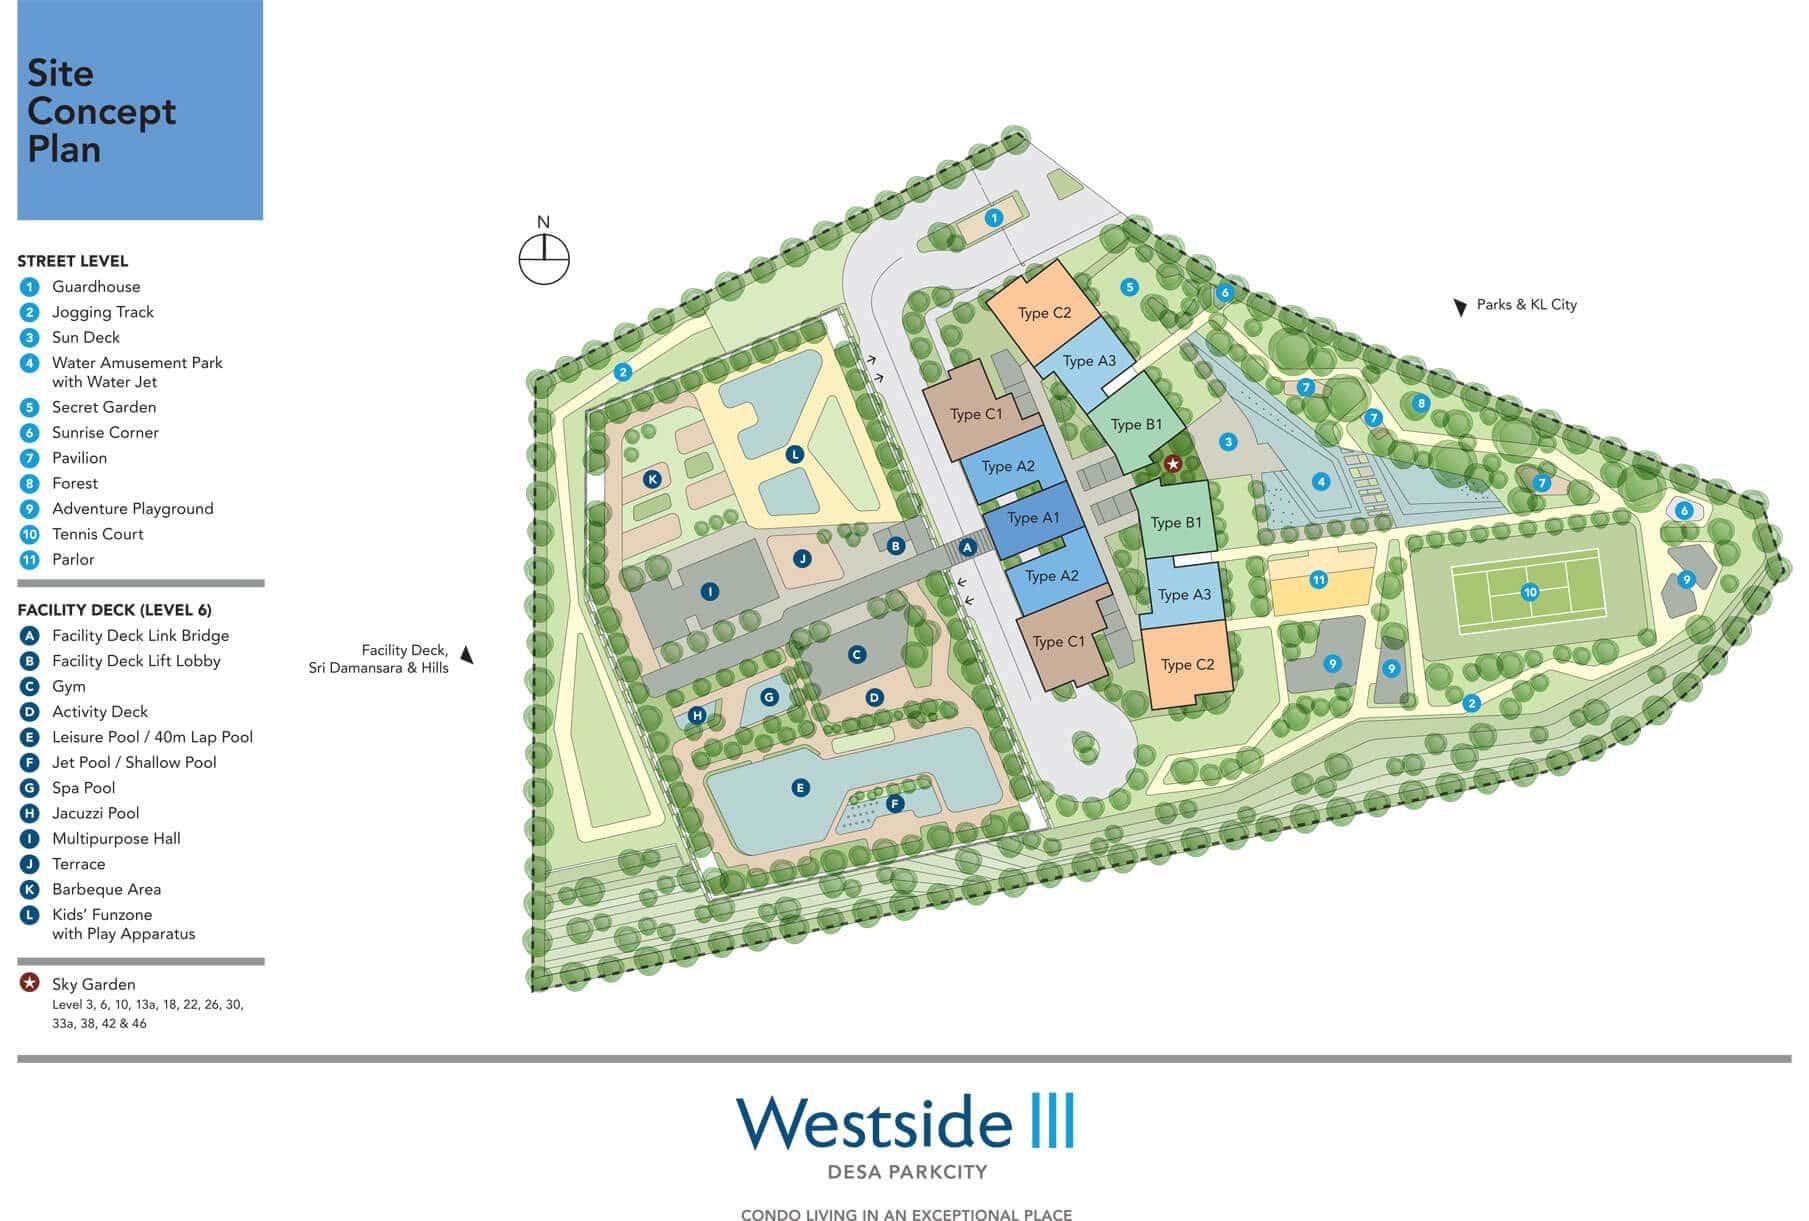 Westside 3 Concept